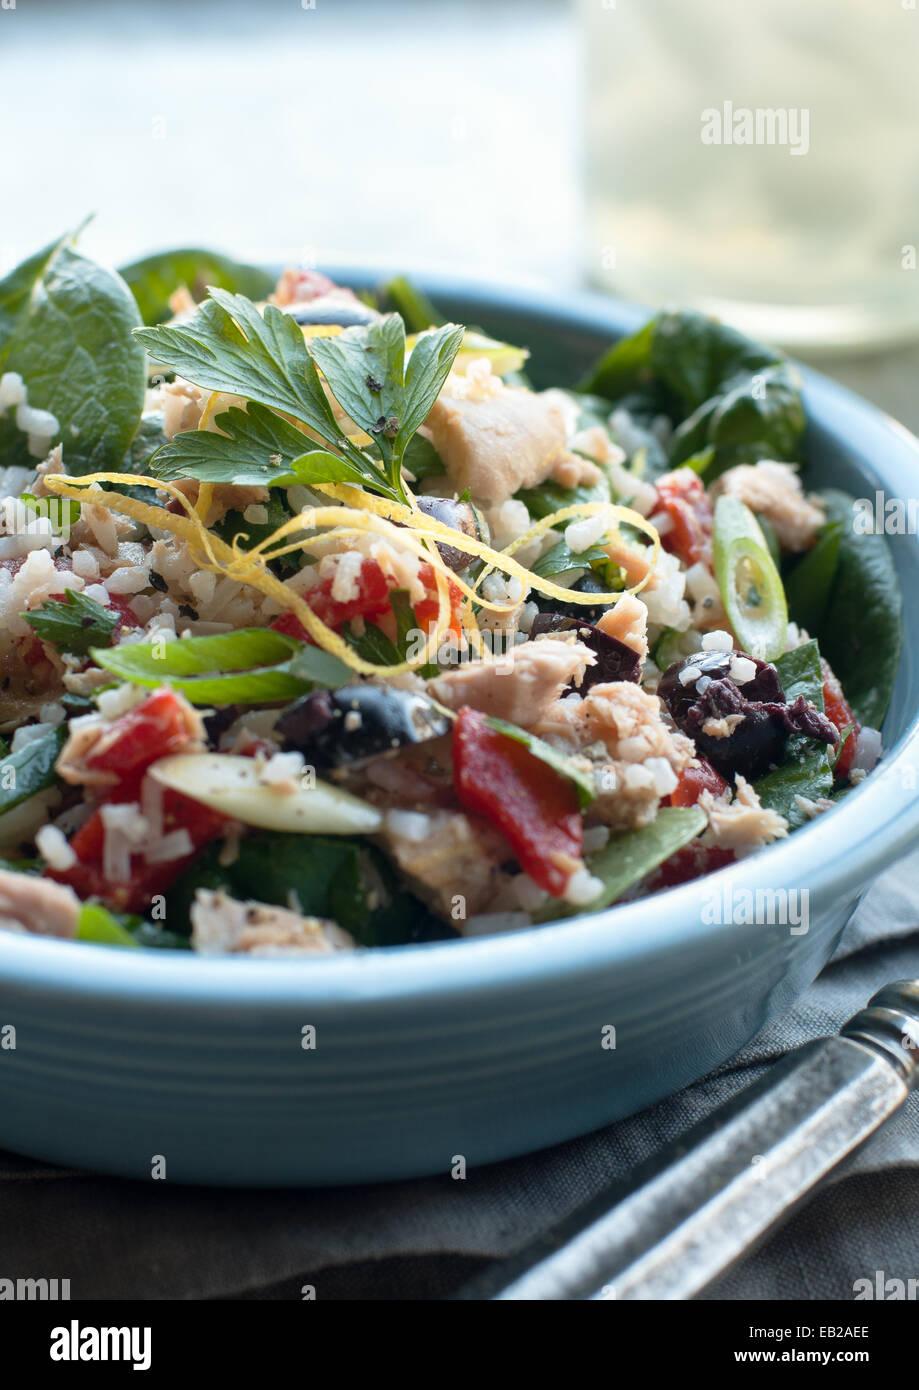 Si lancia con insalata di tonno, riso e verdure Immagini Stock